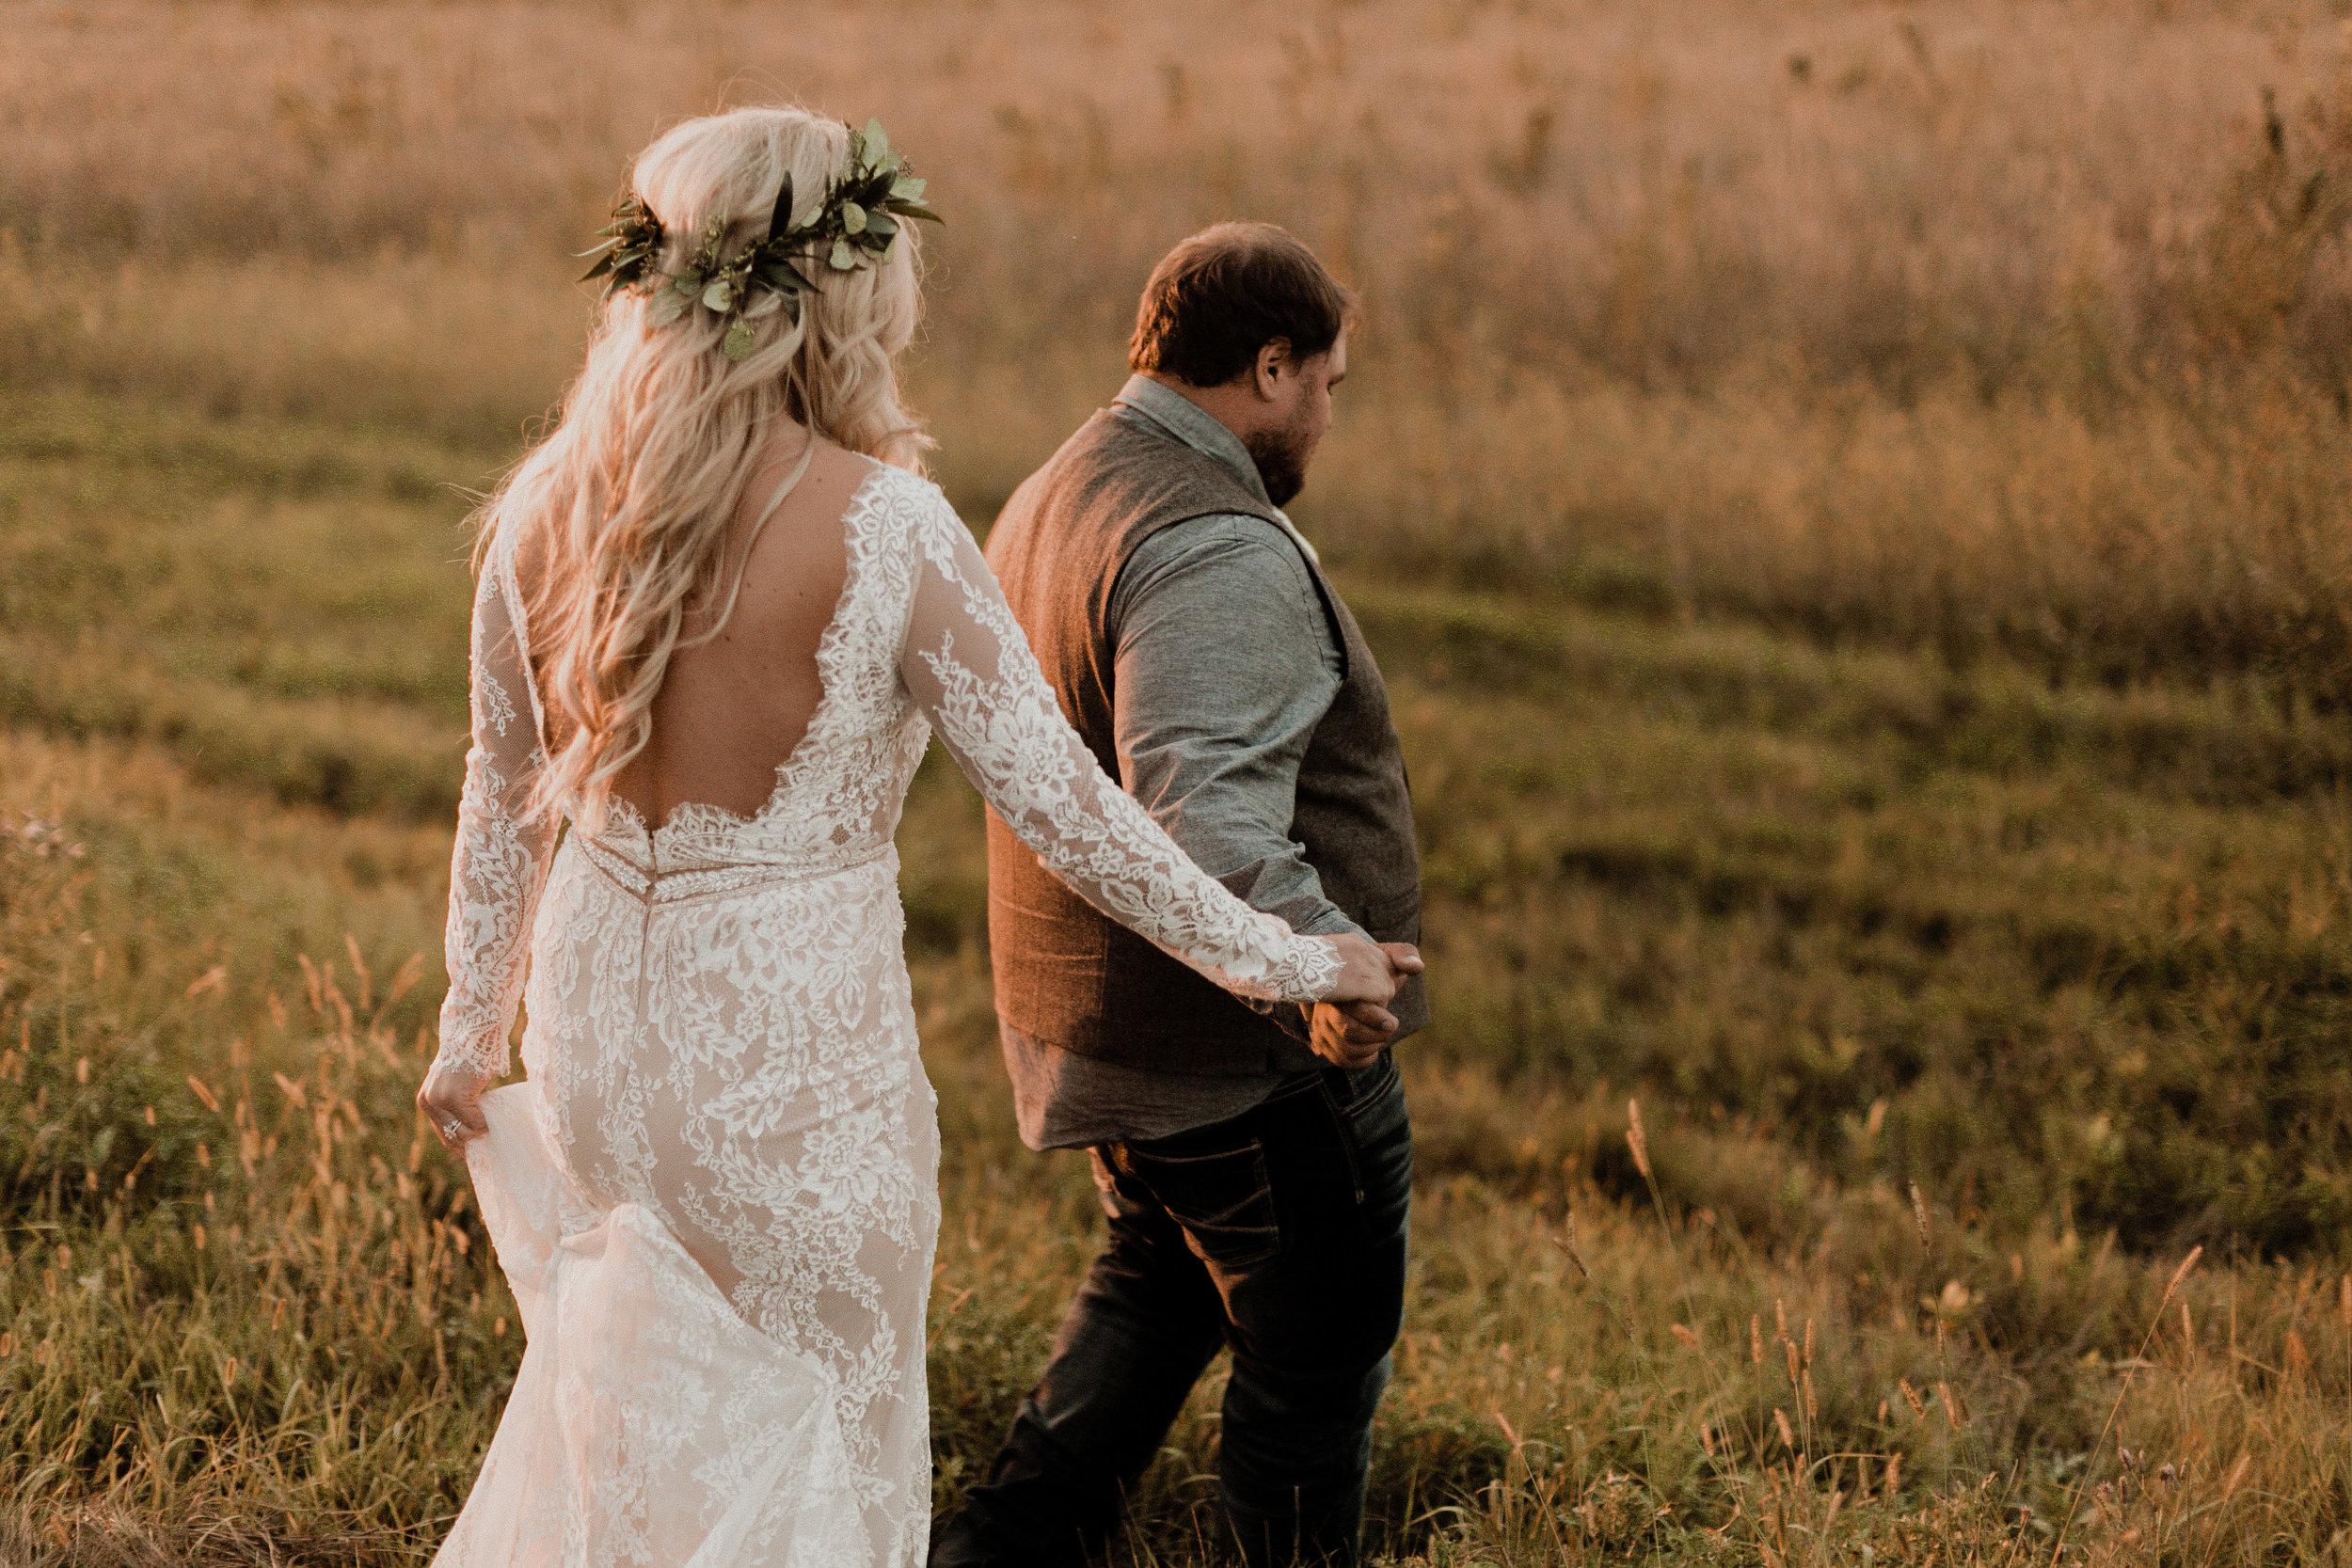 Skylar+Brock_Wedding_TonyaHjortPhotography-169.jpg